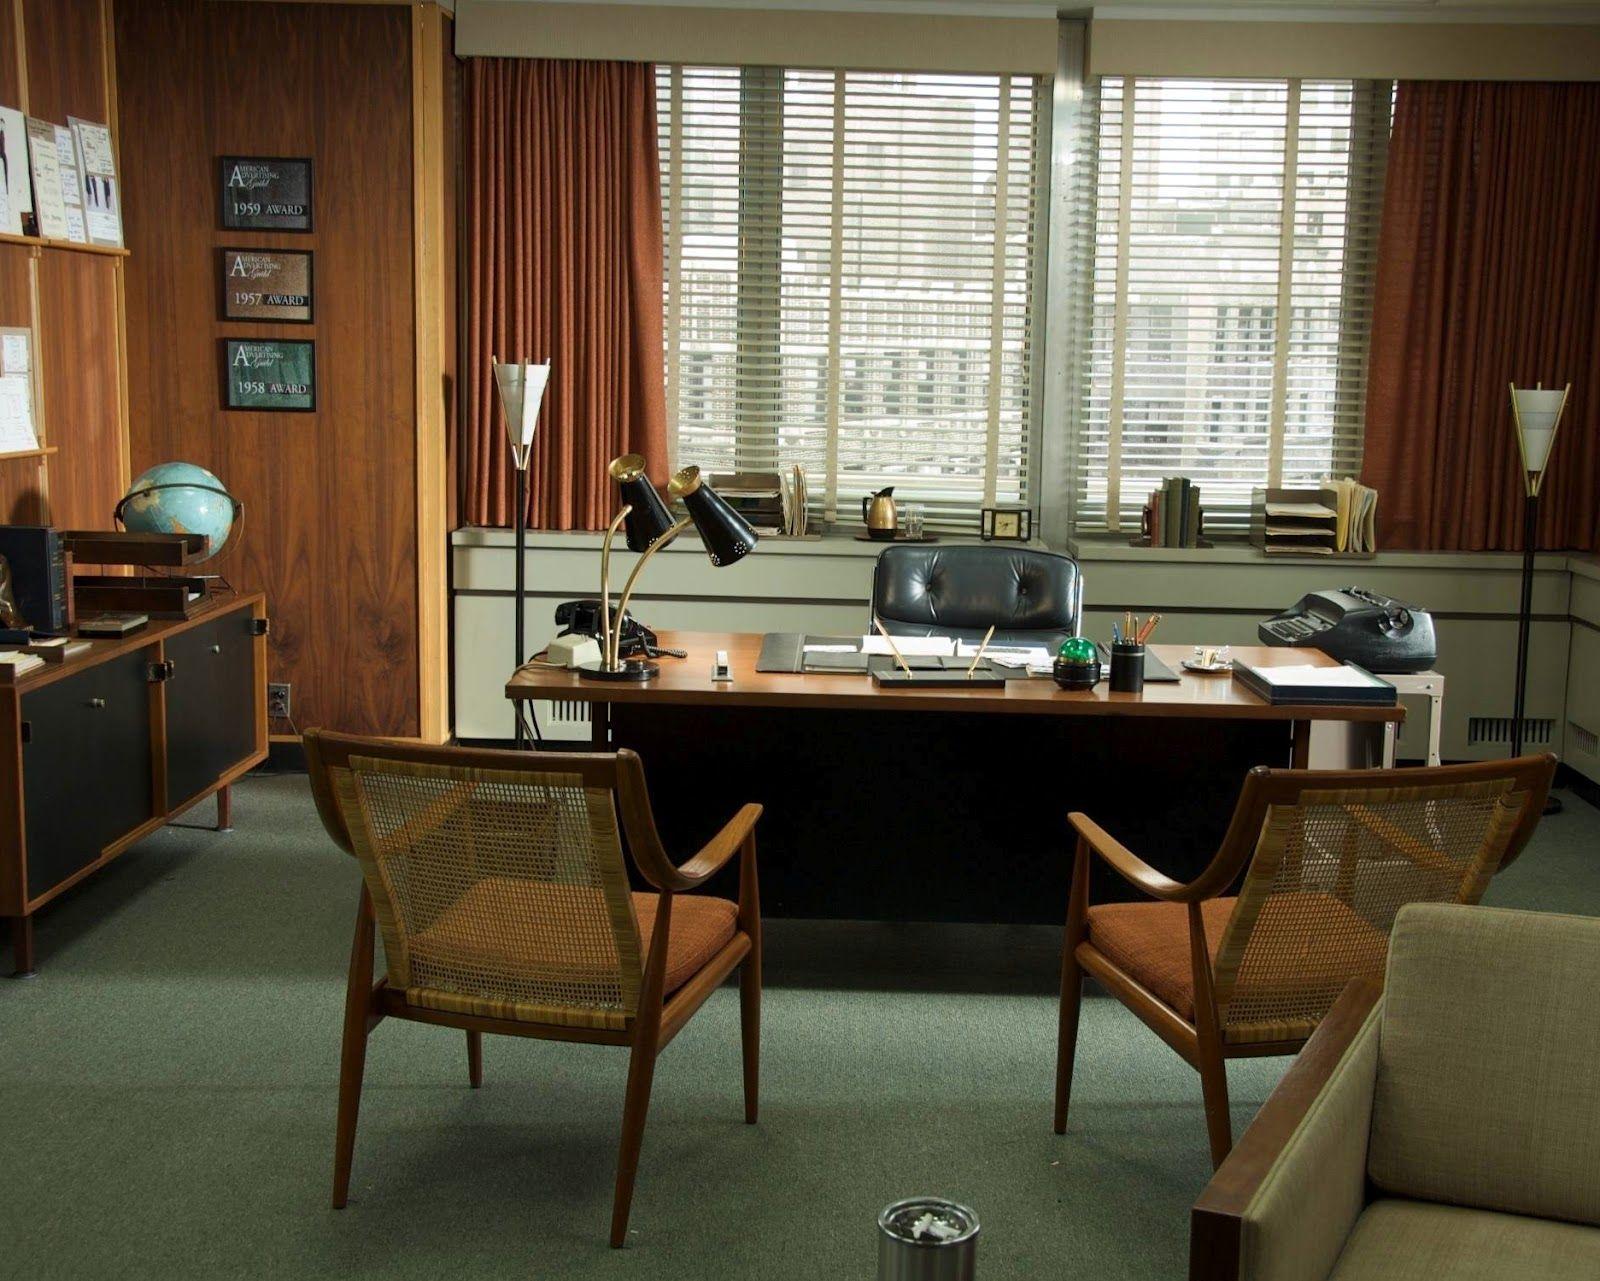 Office Retro Office Design Mad Men Interior Design Mad Men Furniture Mad Men Decor